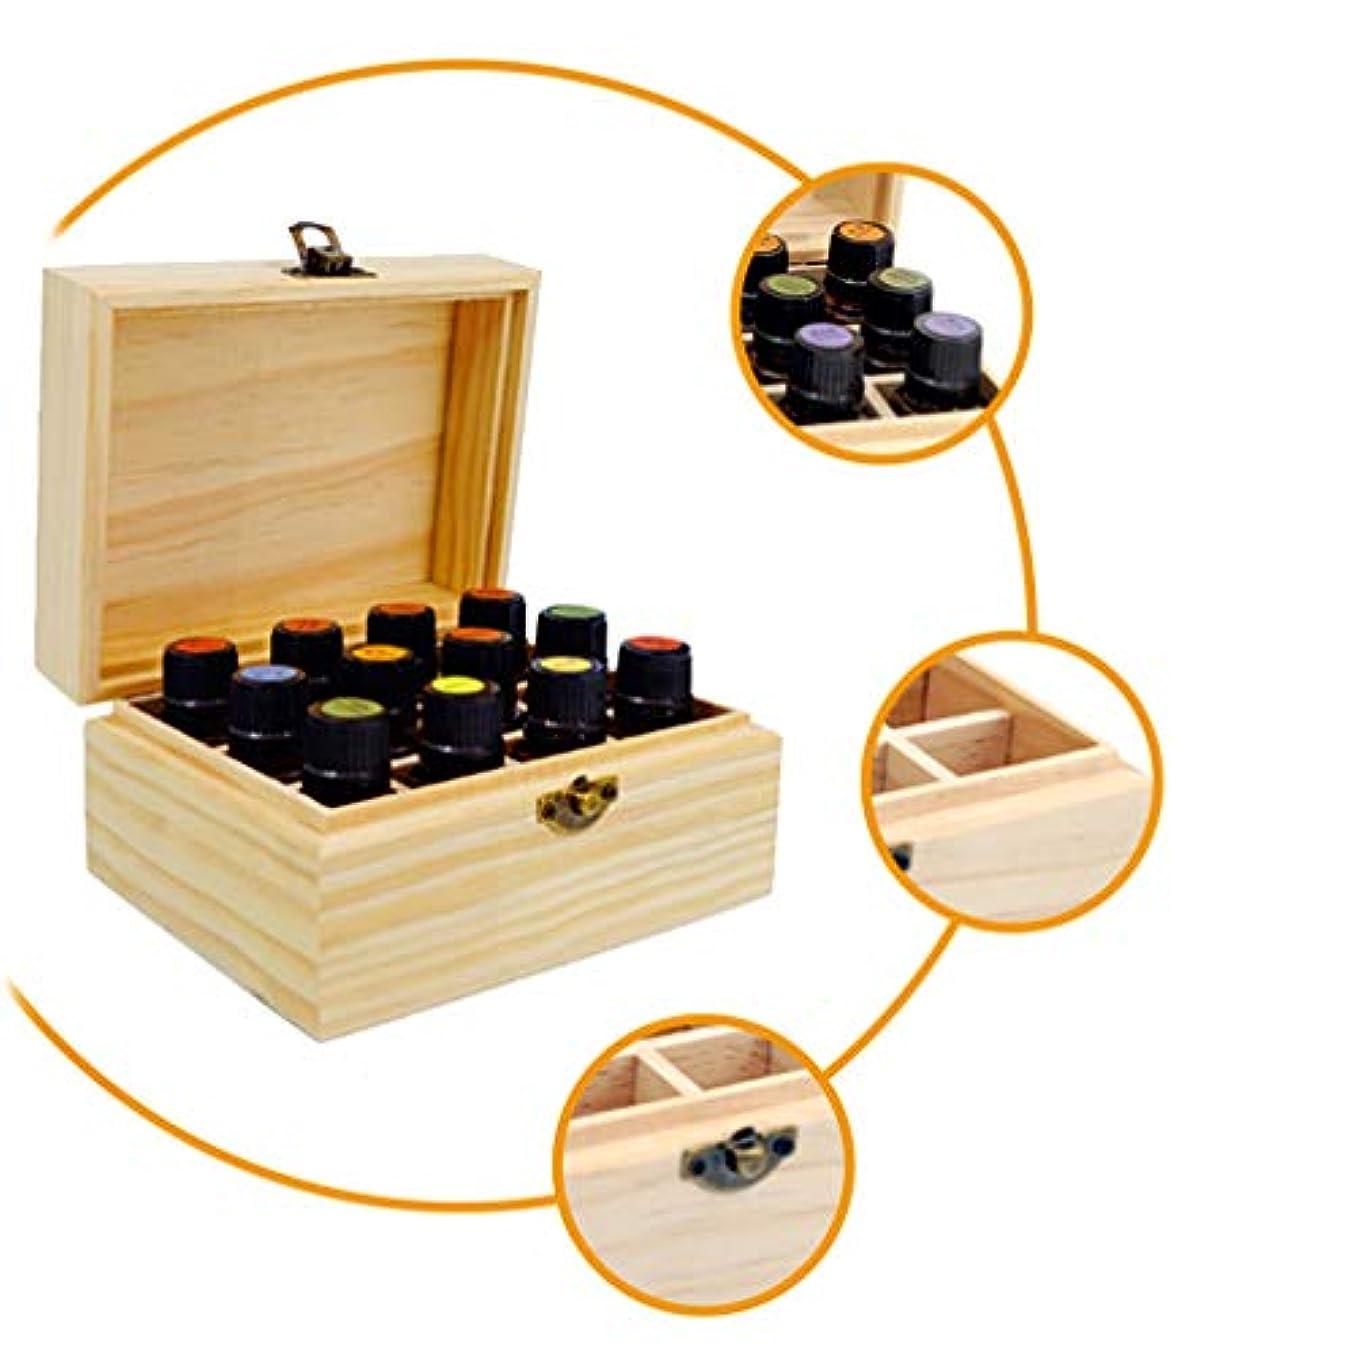 弁護人同行クリエイティブJIOLK エッセンシャルオイル 収納ボックス 12本用 木製 香水収納ケース 大容量 精油収納 携帯便利 オイルボックス おしゃれ 精油ケース